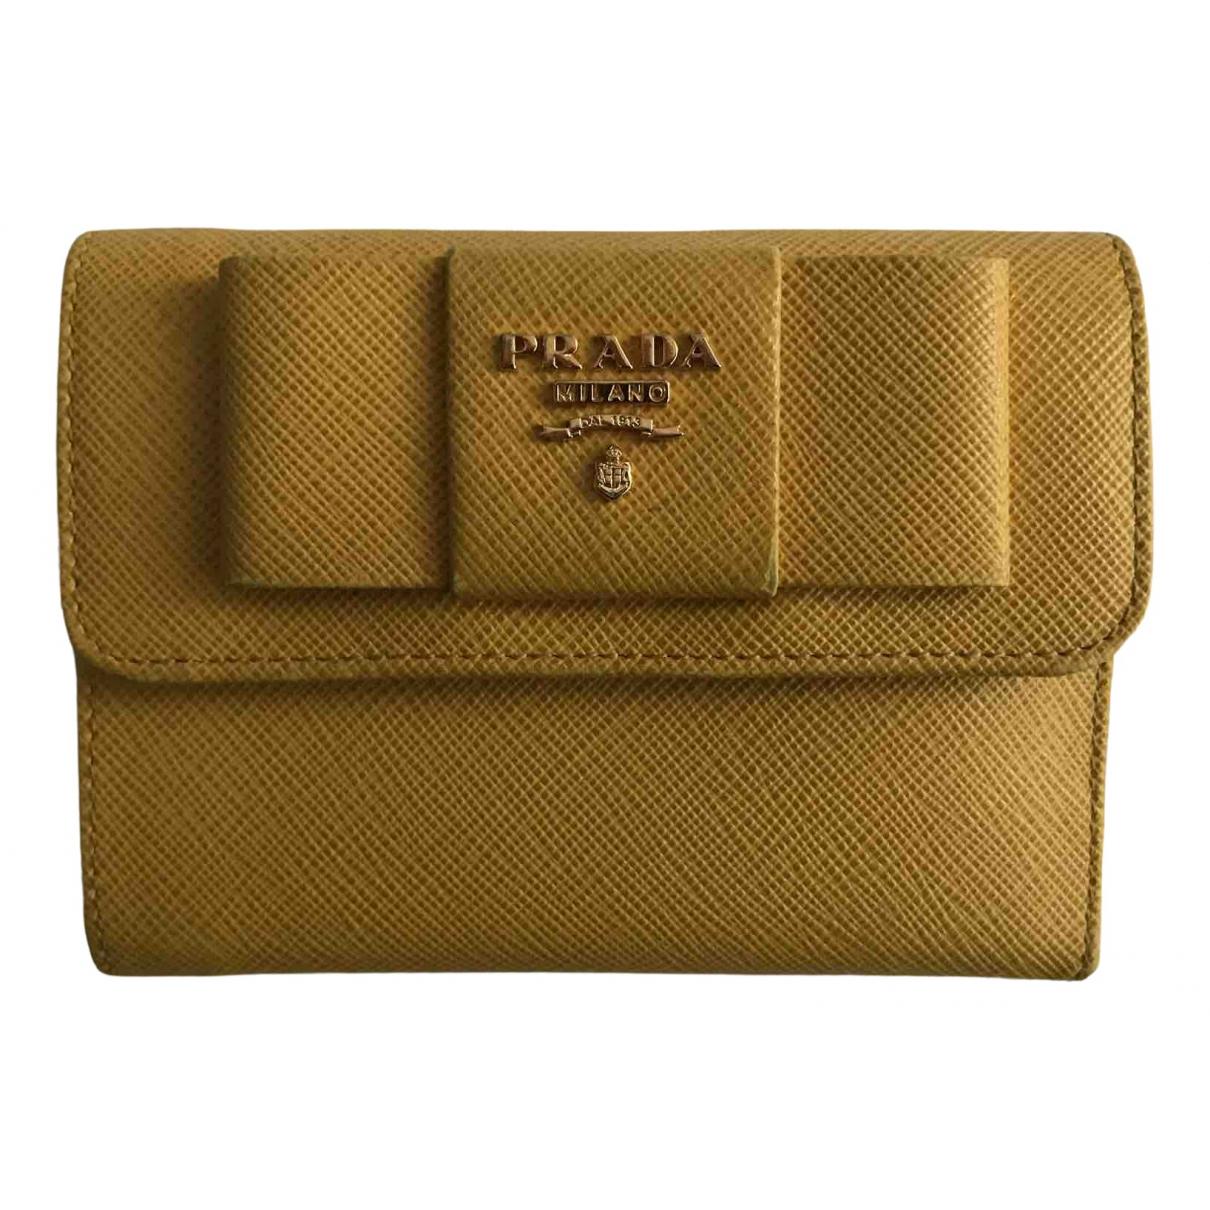 Prada \N Portemonnaie in  Gelb Leder